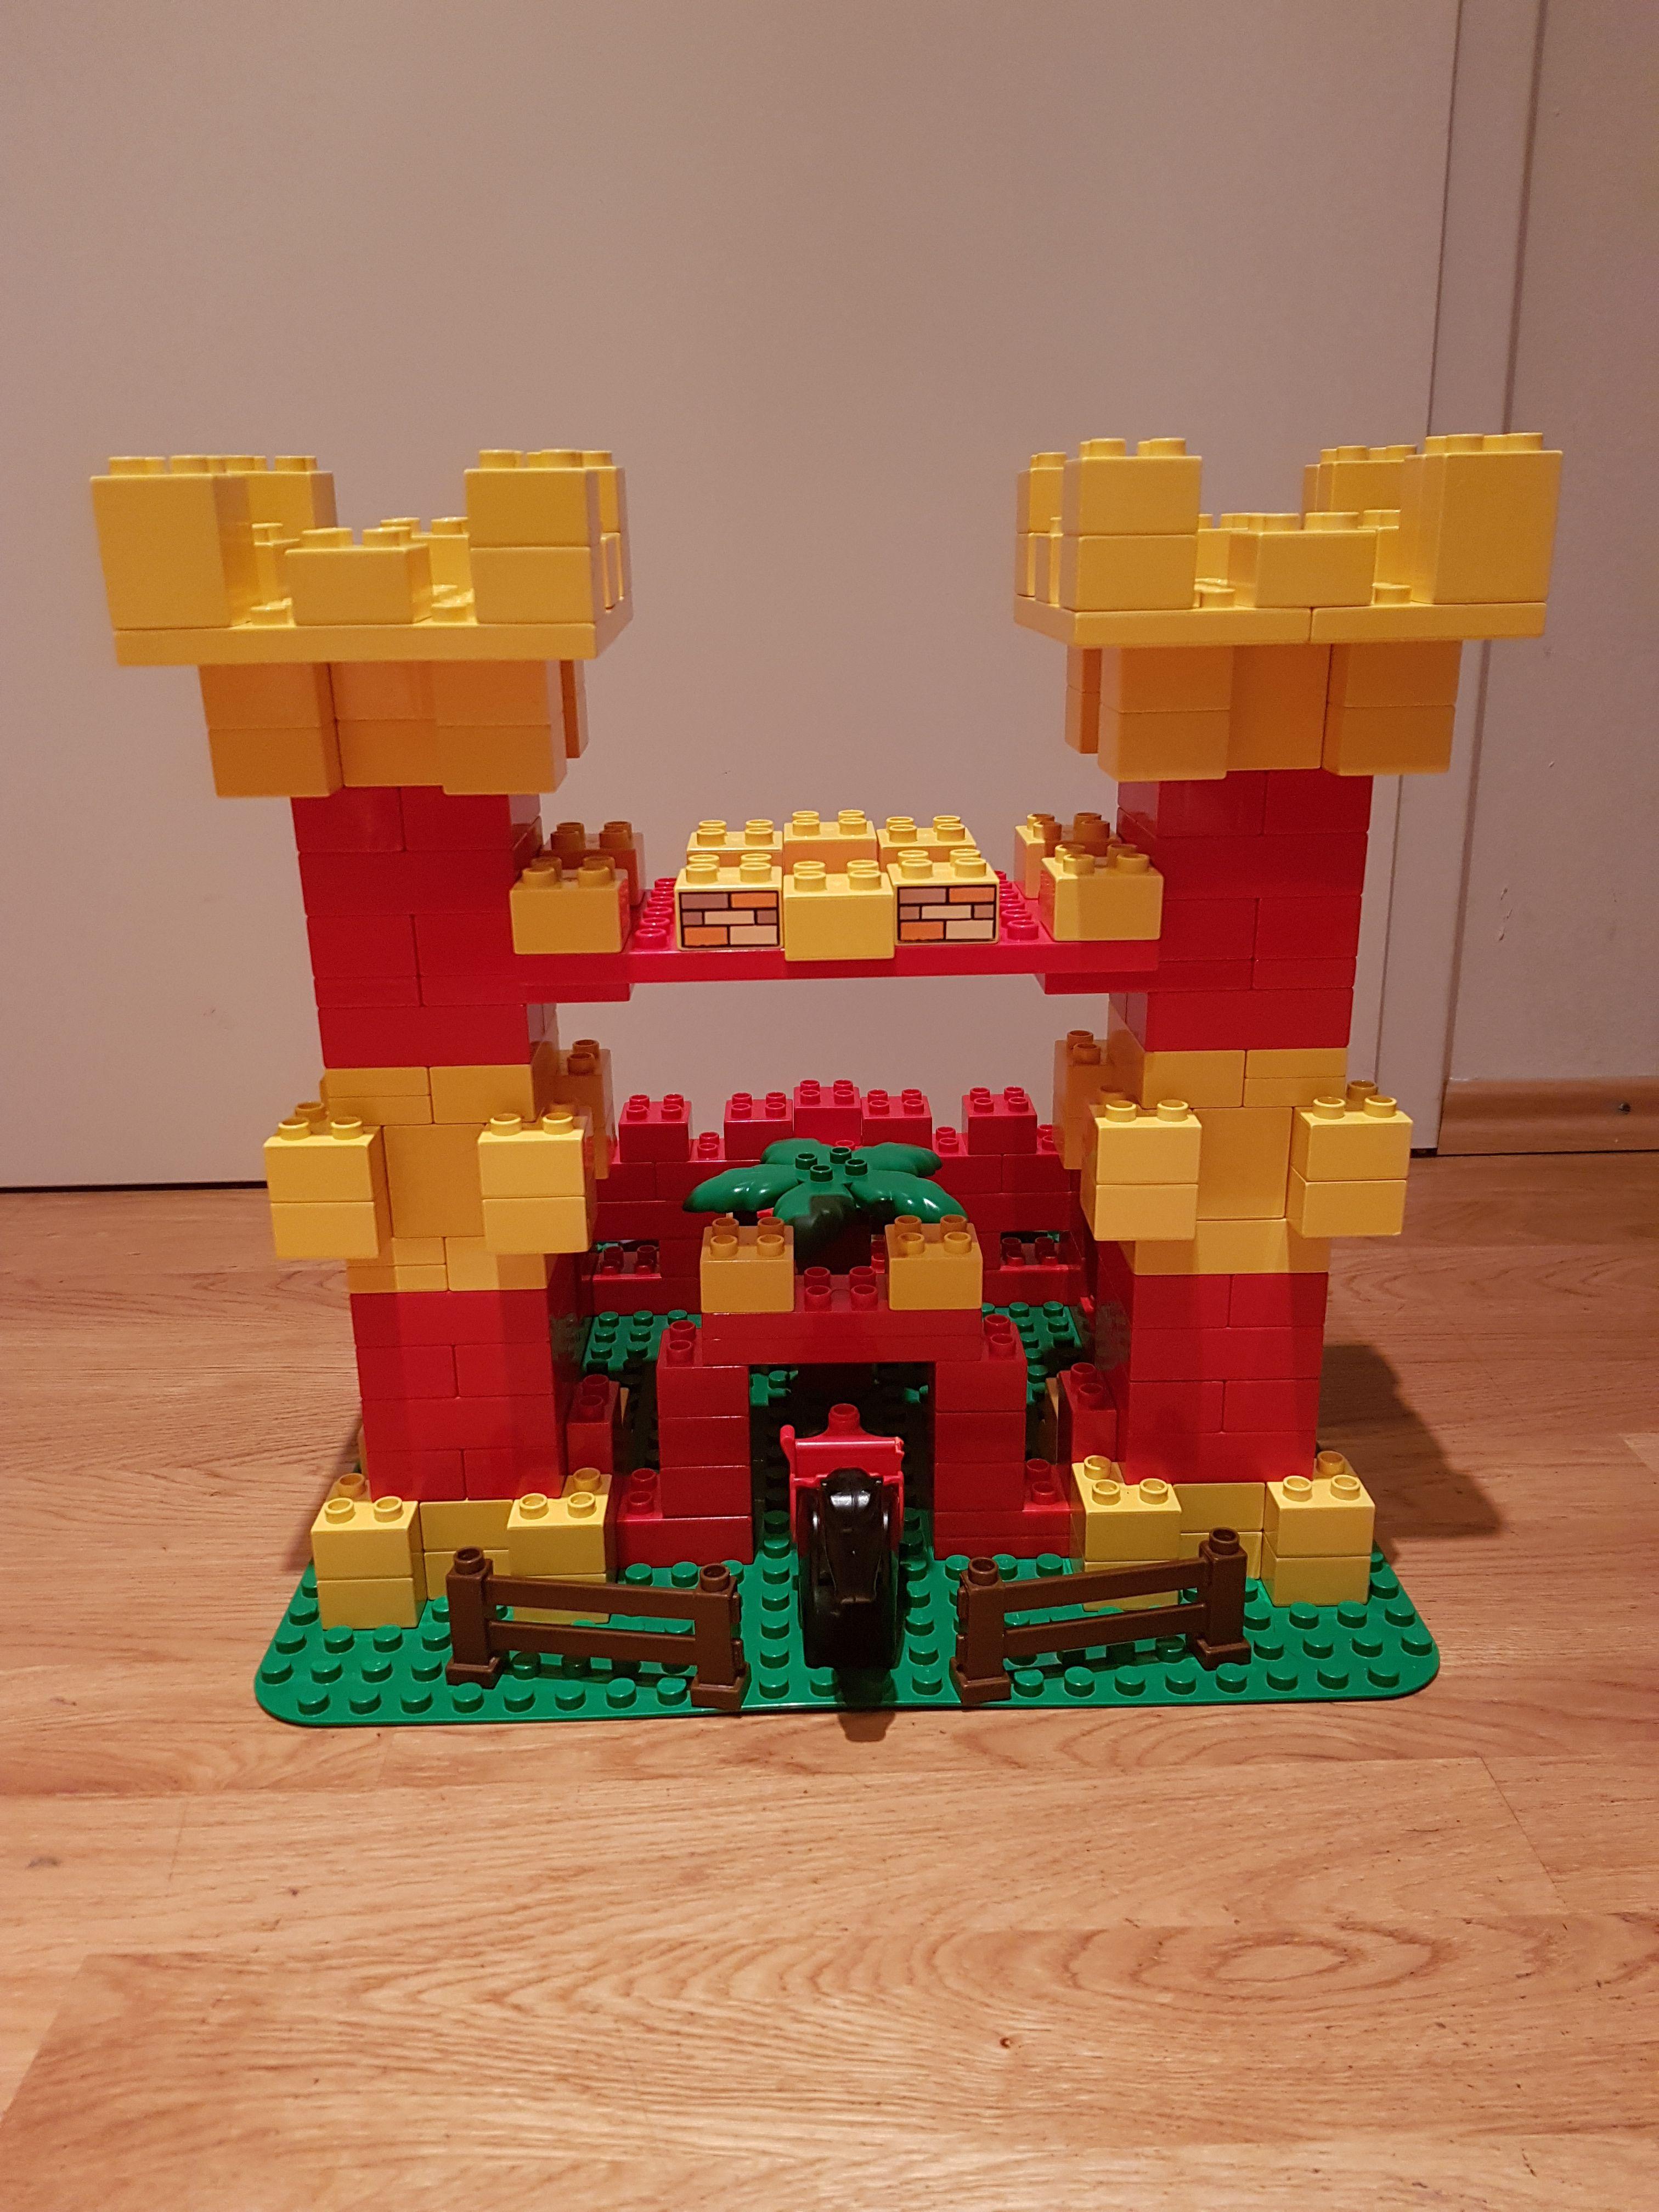 Seit Wann Gibt Es Lego